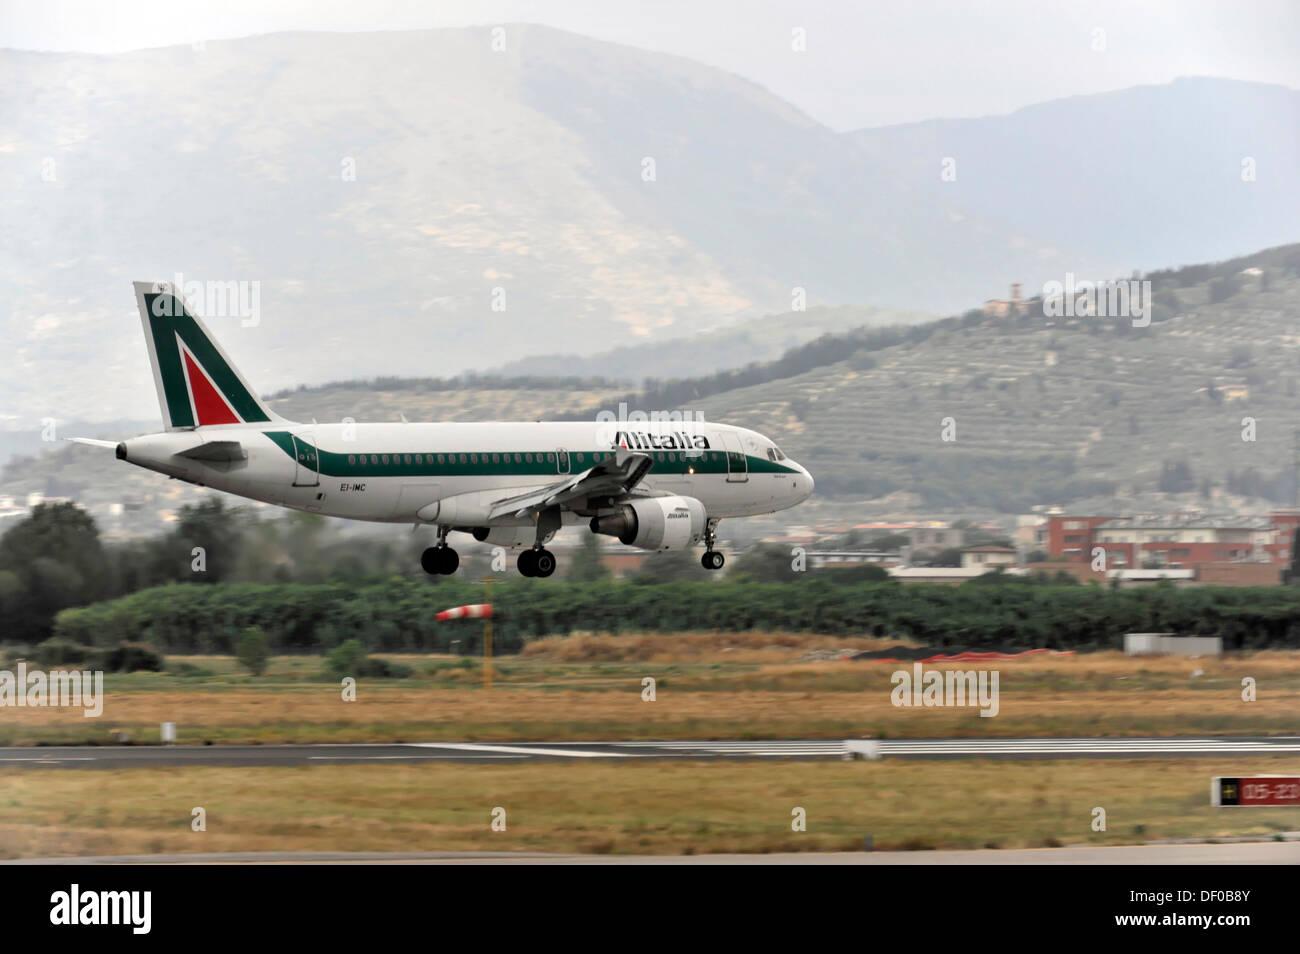 EI-IMC, Alitalia Airbus A319-112 durante el aterrizaje, el aeropuerto de Florencia, Toscana, Italia, Europa Foto de stock